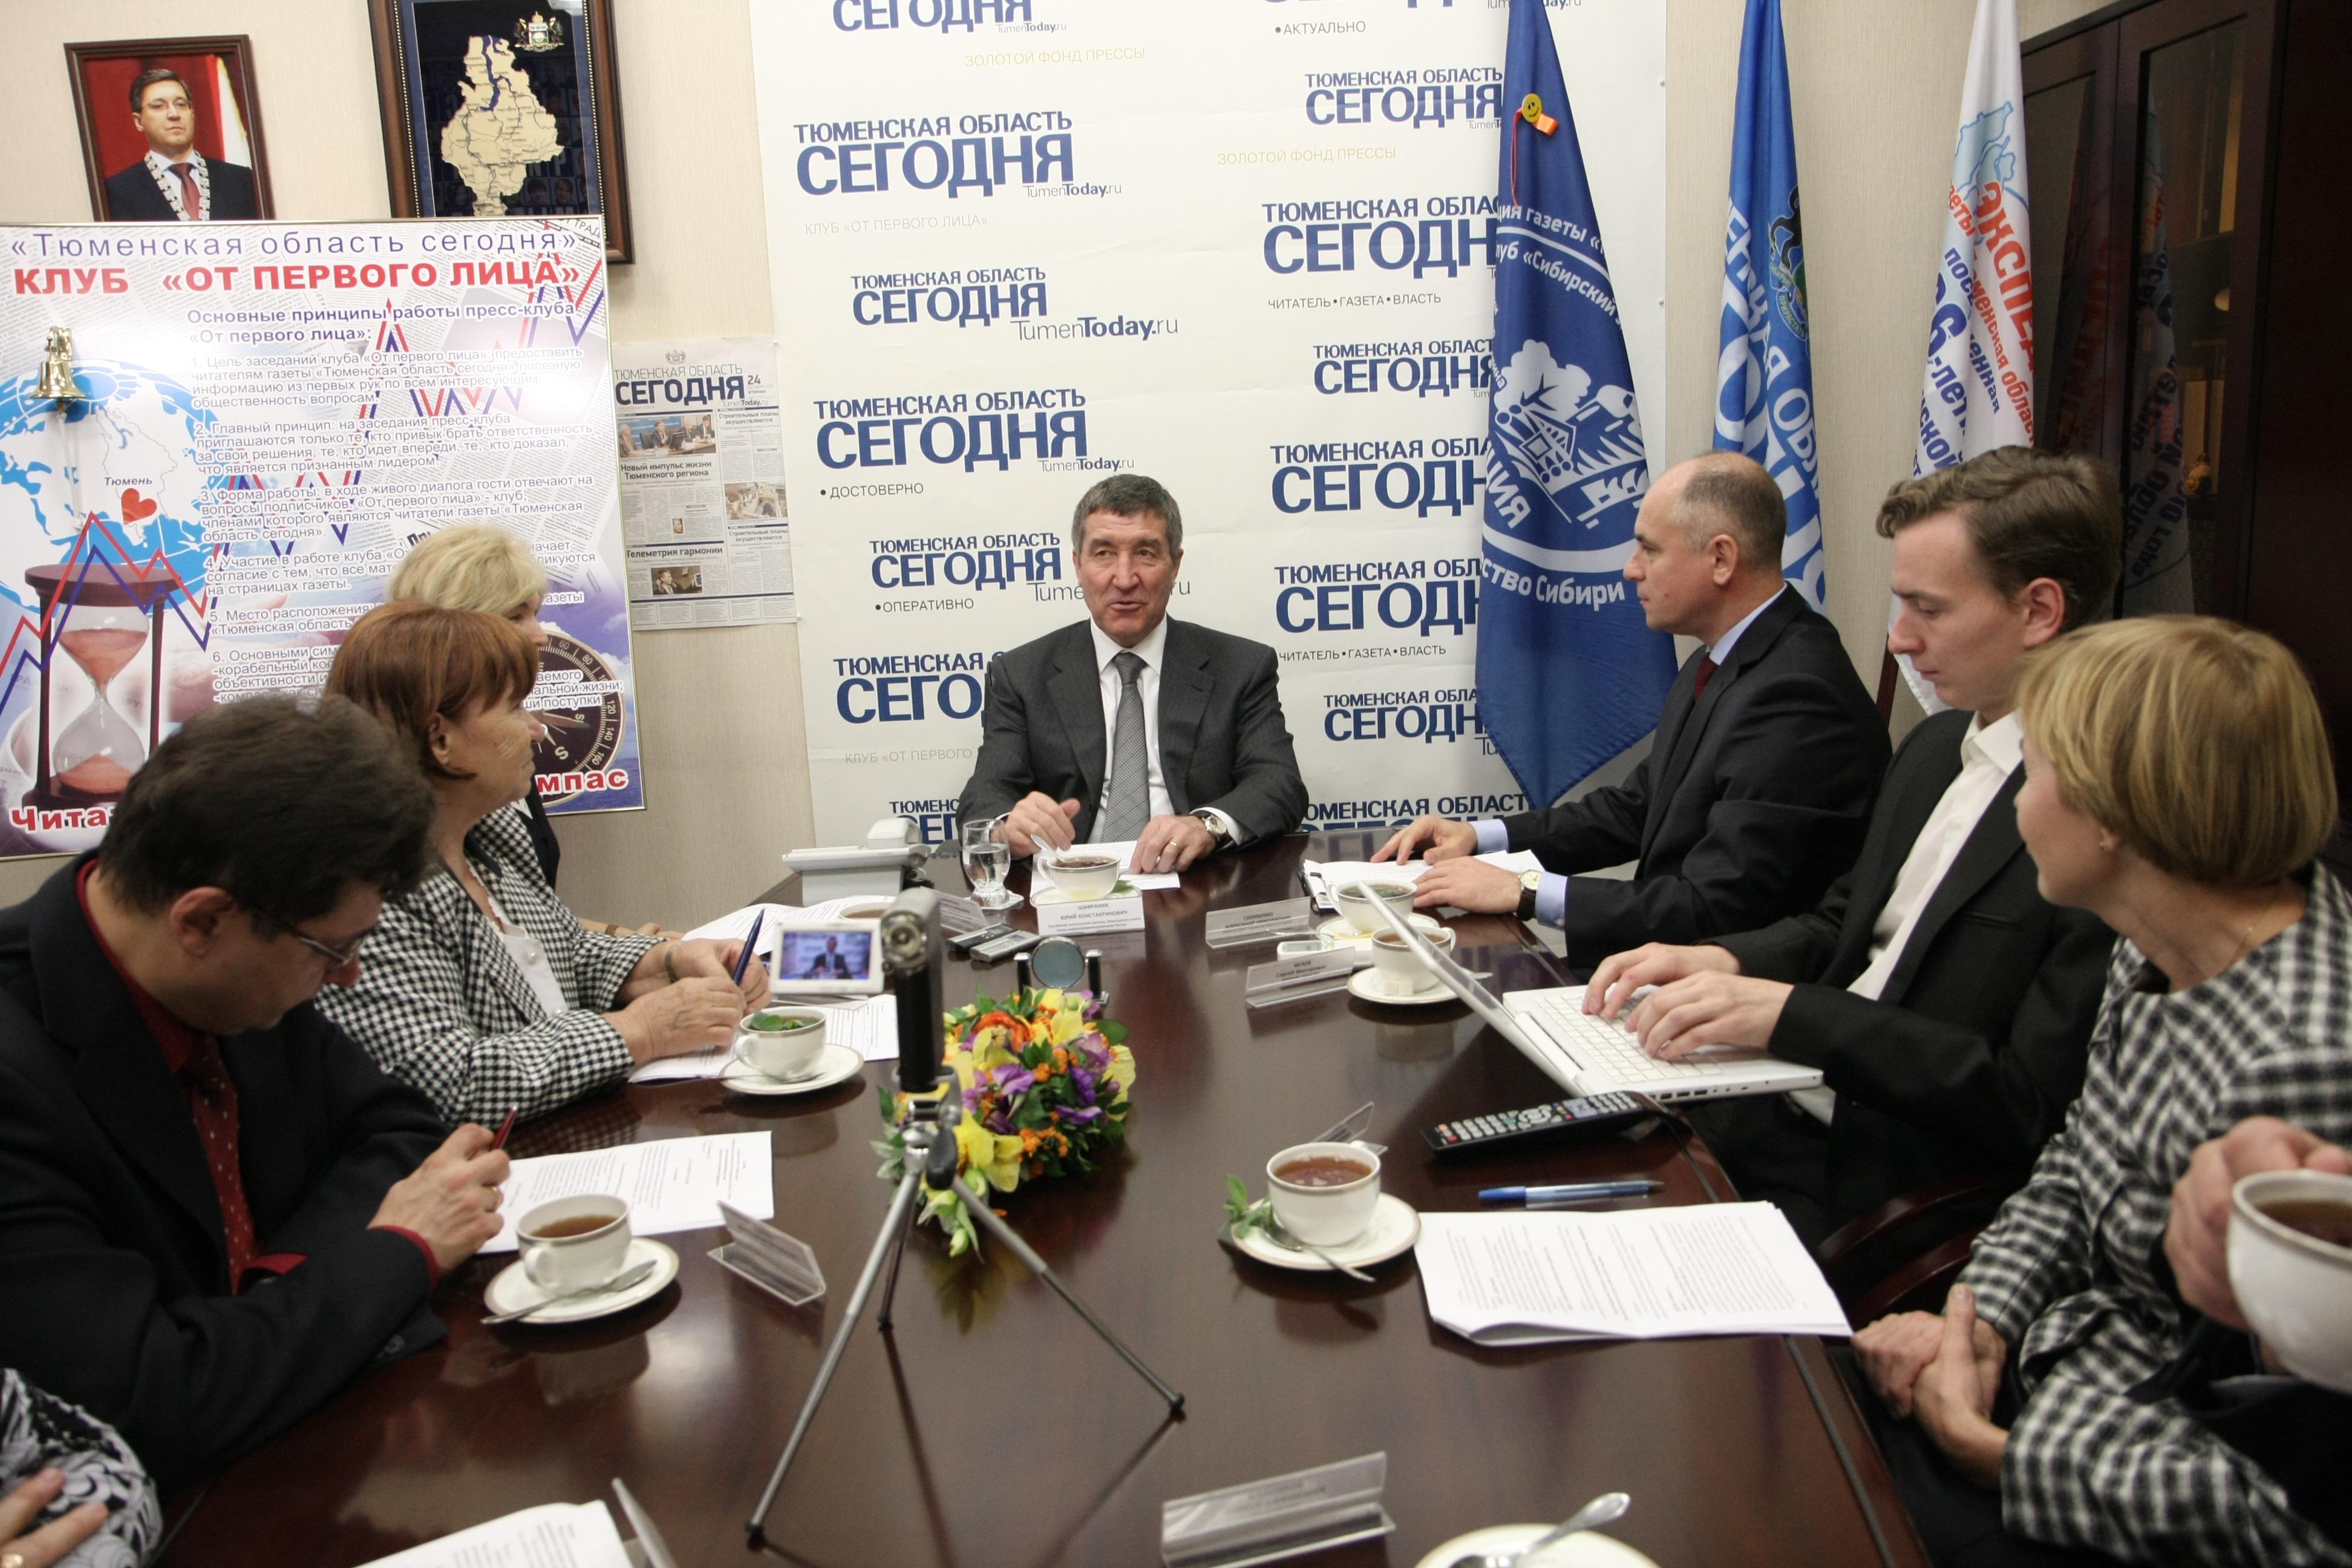 Заседание клуба «От первого лица»; Тюмень, 26 сентября 2012 г.